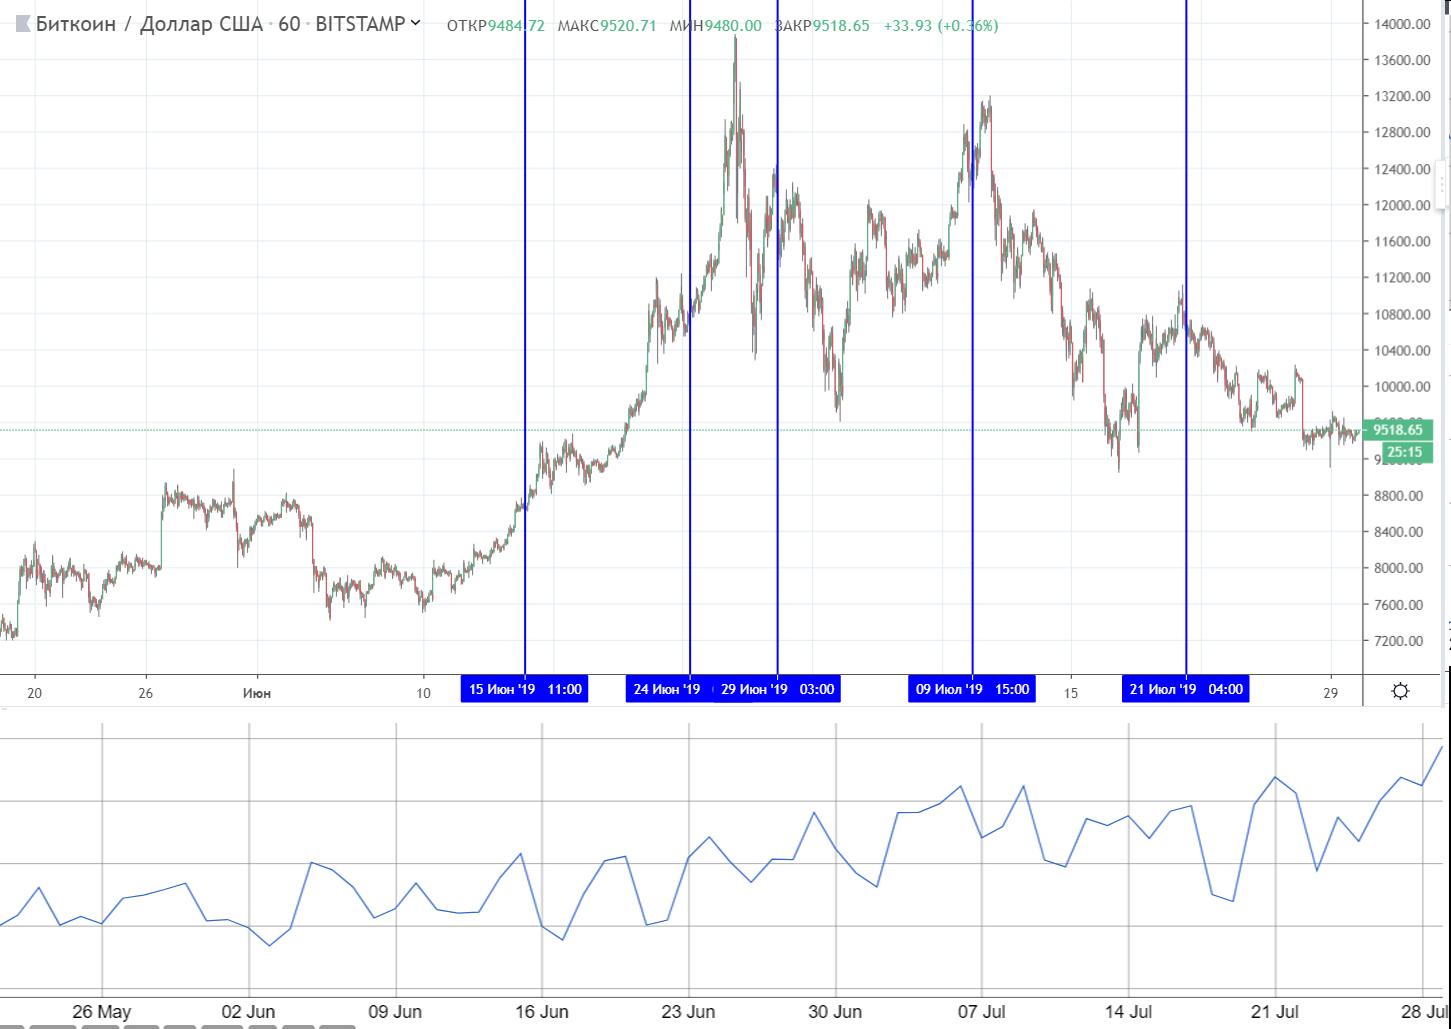 Хэшрейт bitcoin обновил абсолютный рекорд: BTC готовится к росту?